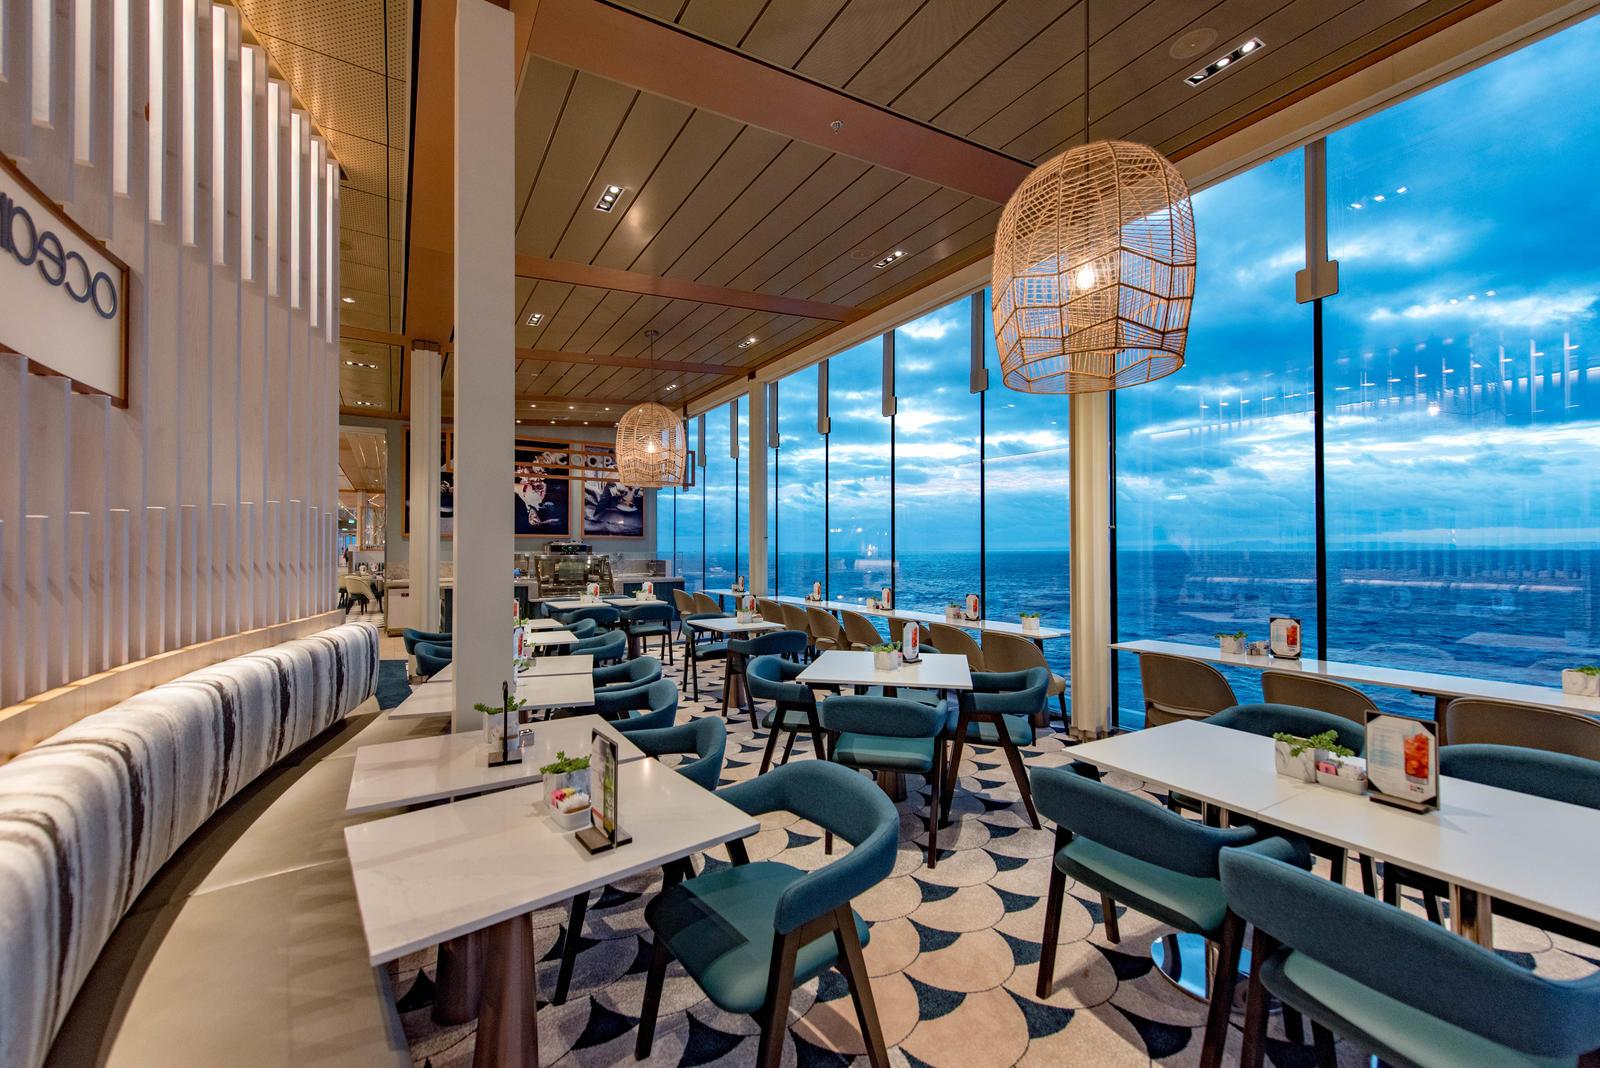 CELEBRITY EDGE CELEBRITY CRUISES NEW SHIP NUEVO BARCO CELEBRITY CRUISES CELEBRITY EDGE PREMIUM CRUISES CRUCEROS CELEBRITY EDGE #CelebrityCruises #CelebrityEdge #CrucerosCelebrity #OceanviewCafe #BuffetCelebrityEdge